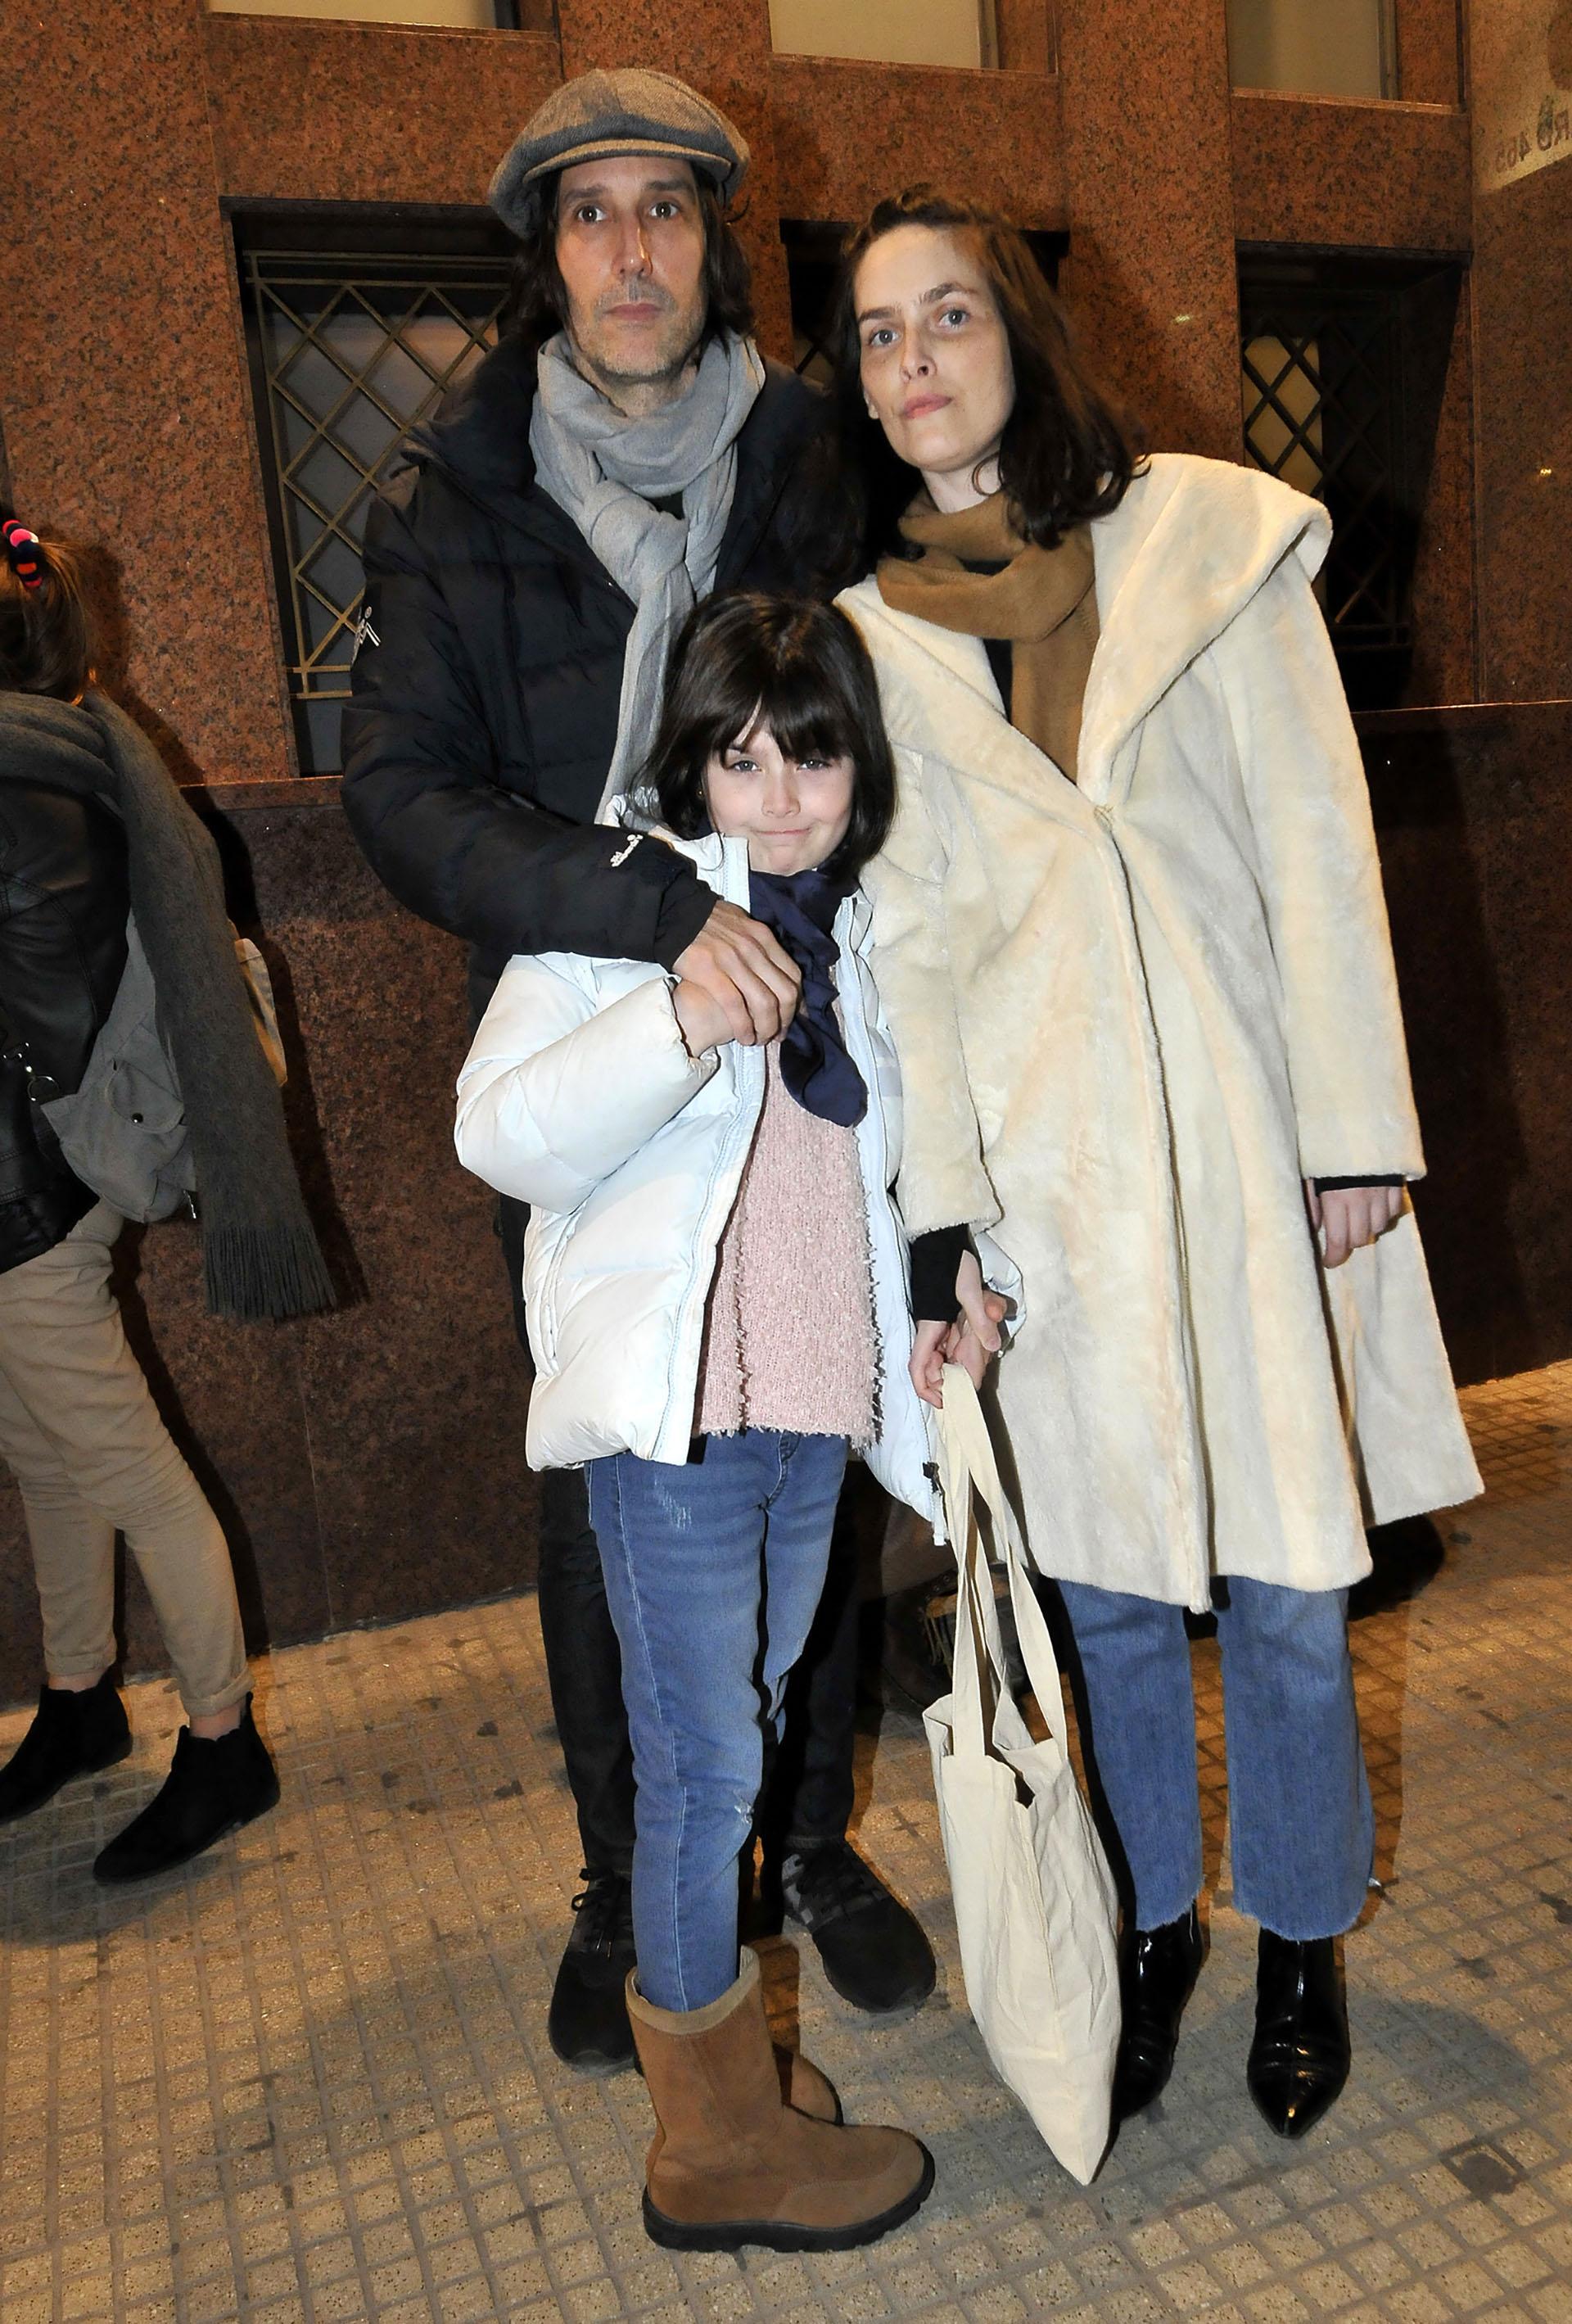 Juan Cruz Bordeu, el hijo de Graciela Borges, asistió junto a su ex pareja, Ileana González, y su hija, María Jesús (Fotos: Darío Batallán / Teleshow)